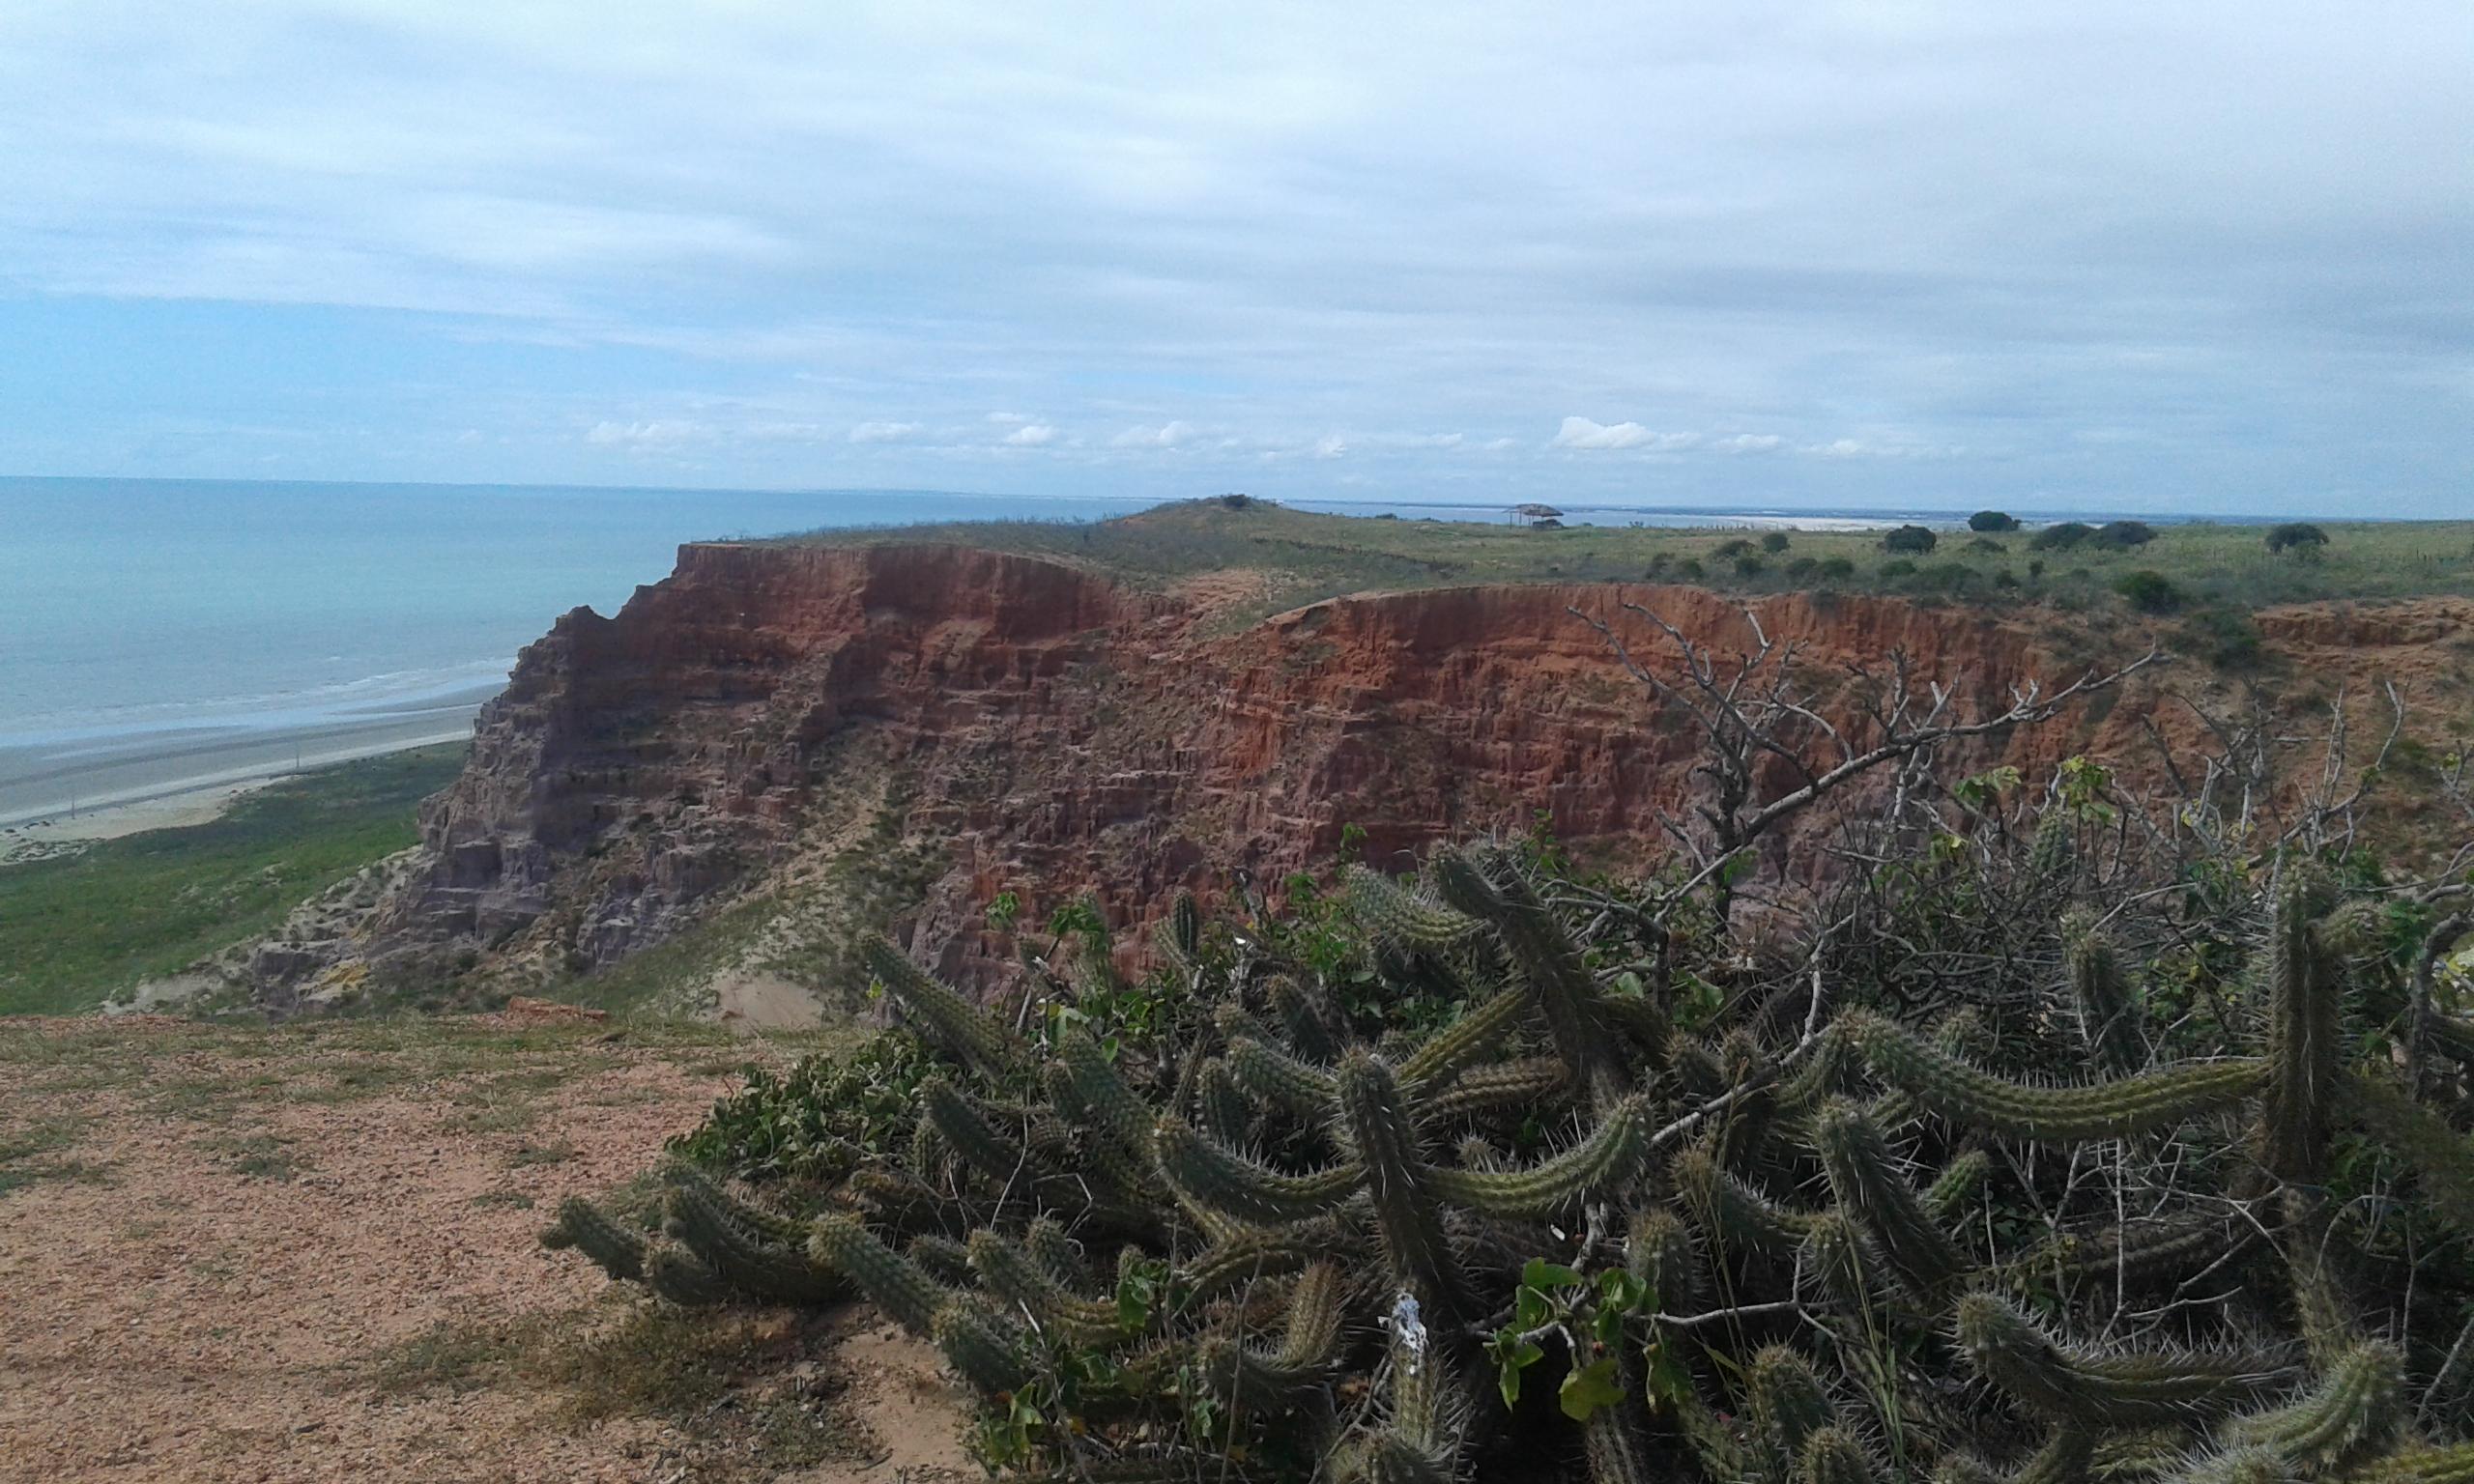 La vue sous la Pointe du Miel à Areia Branca. (Crédit photo: Fabio Santana).